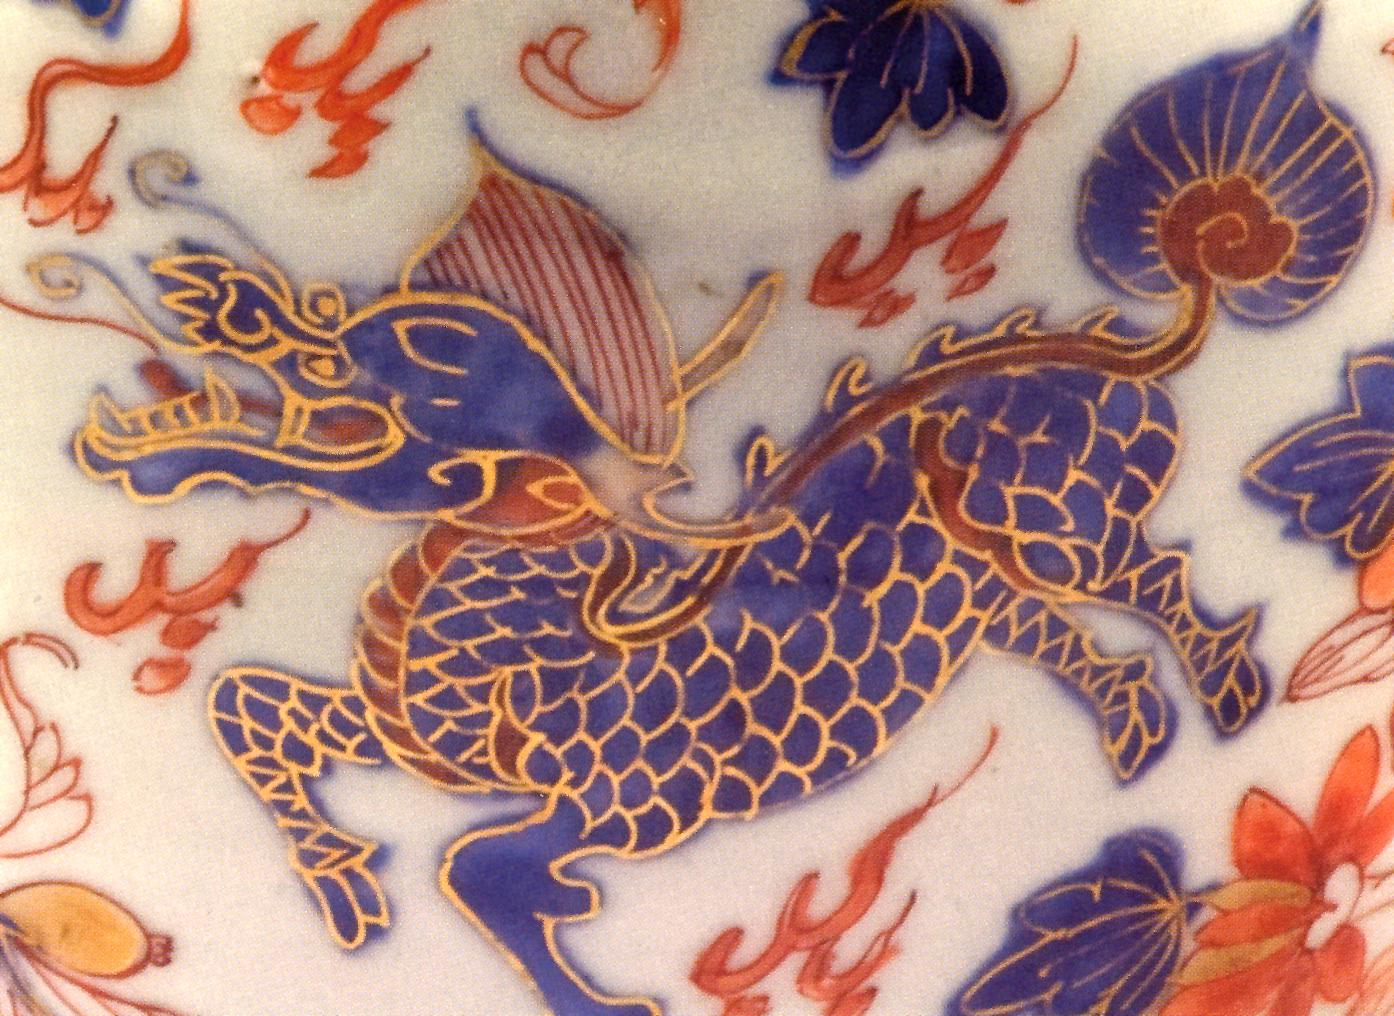 Pieza de porcelana de la dinastía Qing. Siglo XVIII